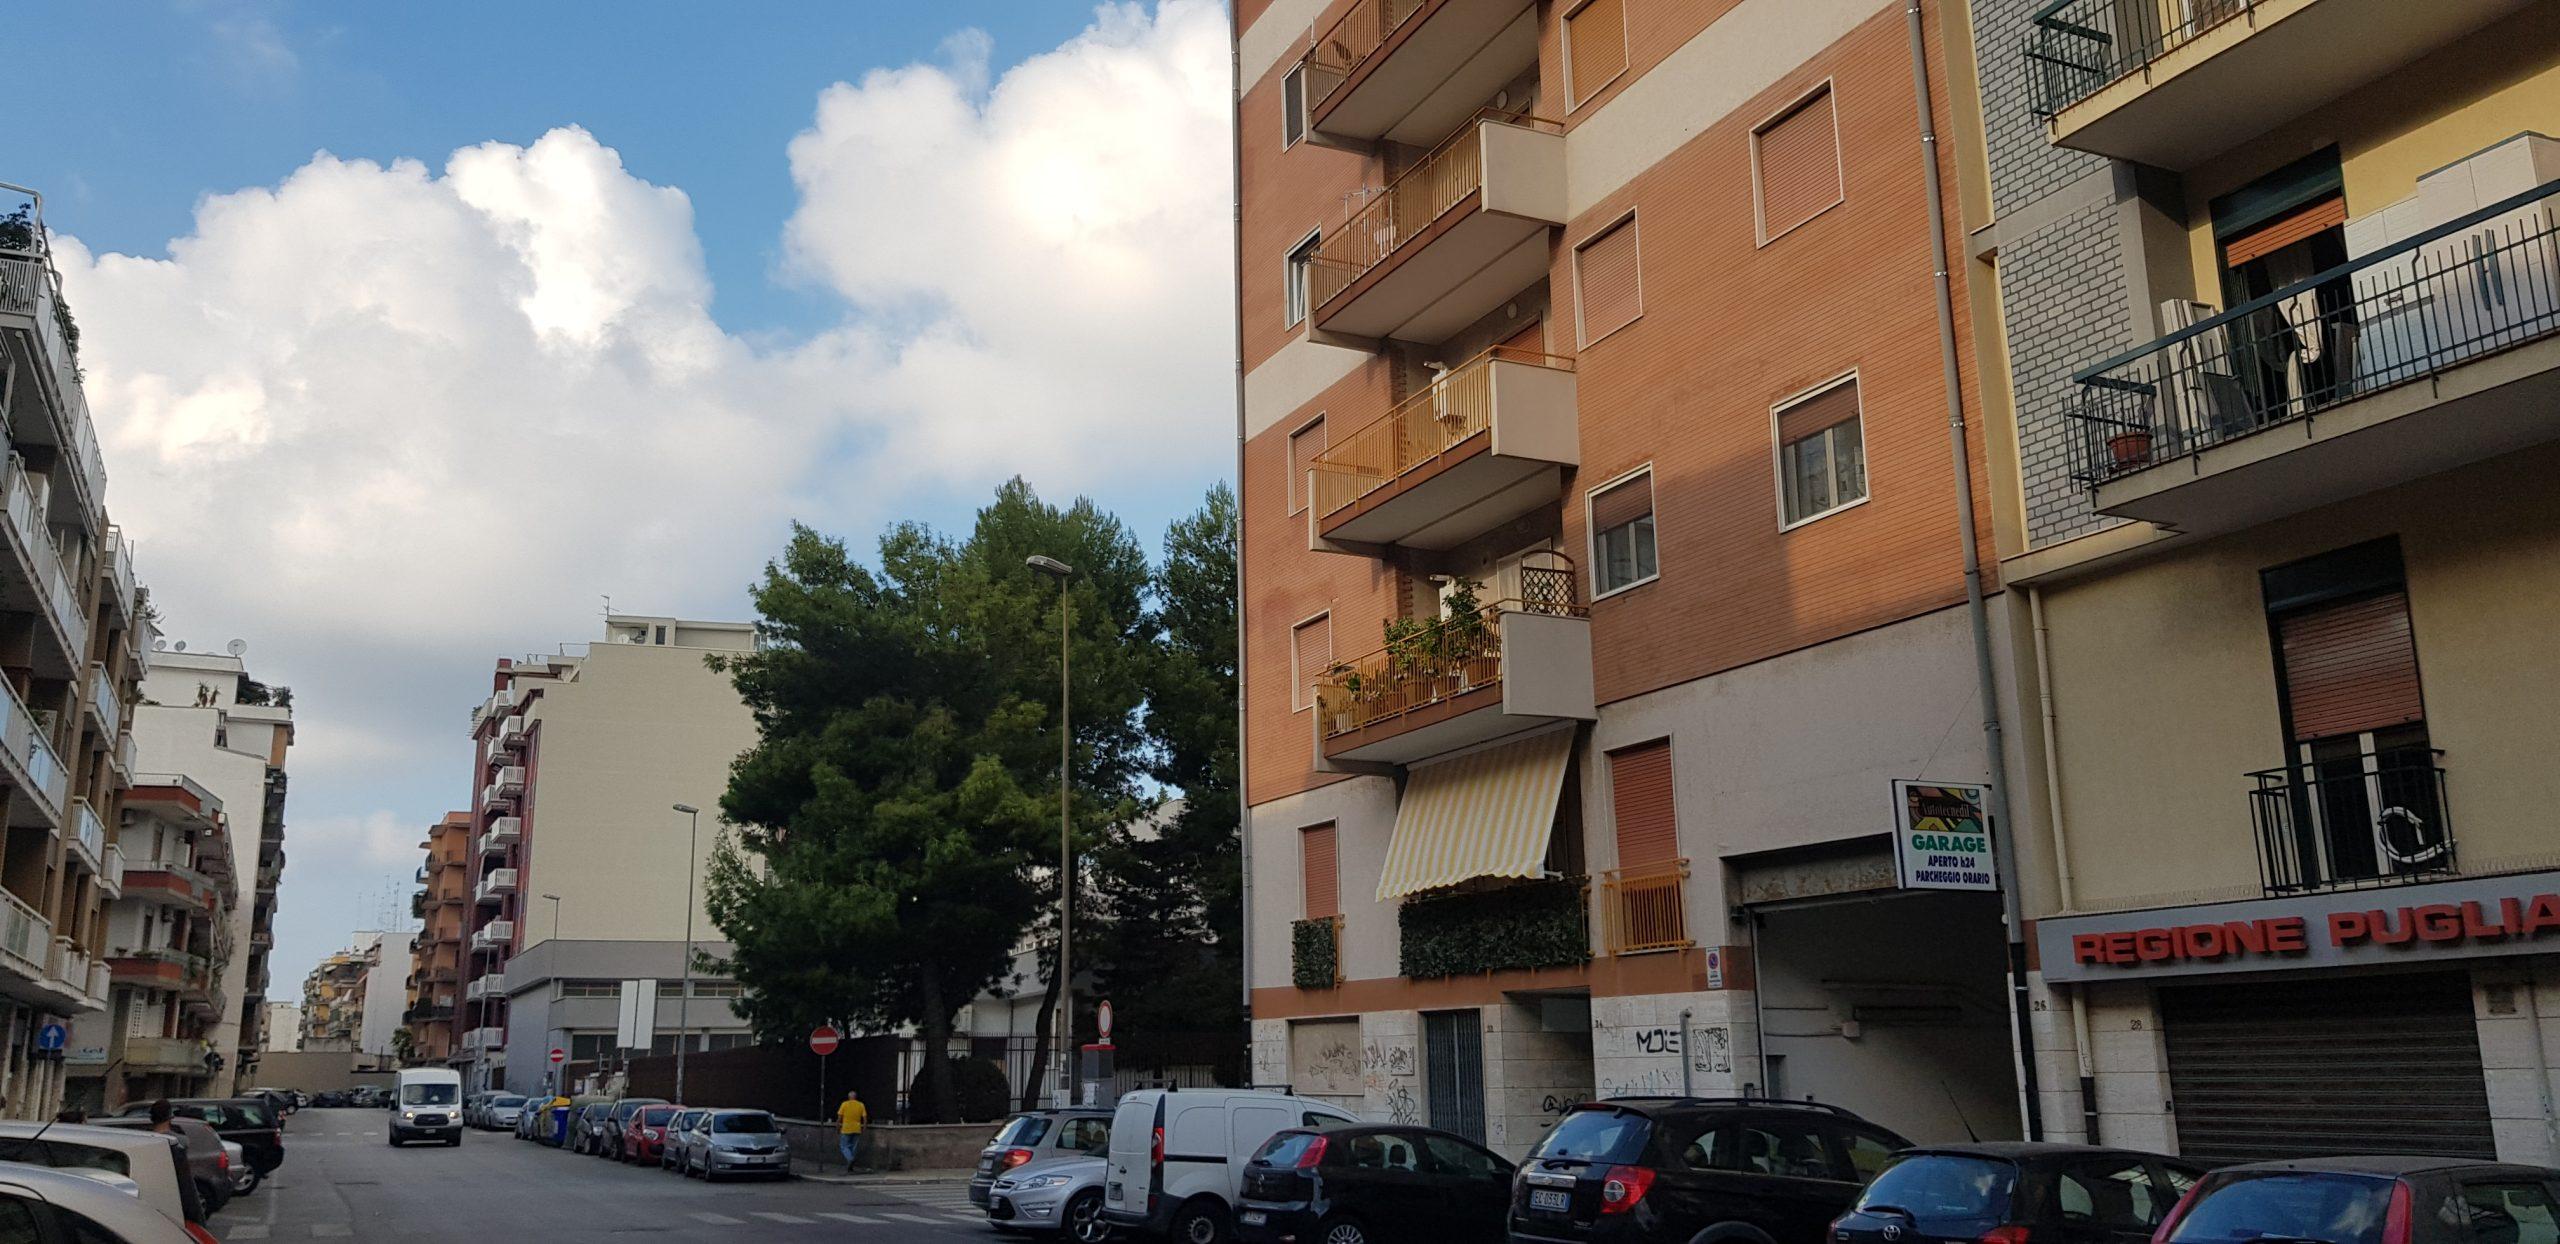 San Pasquale - Zanardelli 4 vani ristrutturato